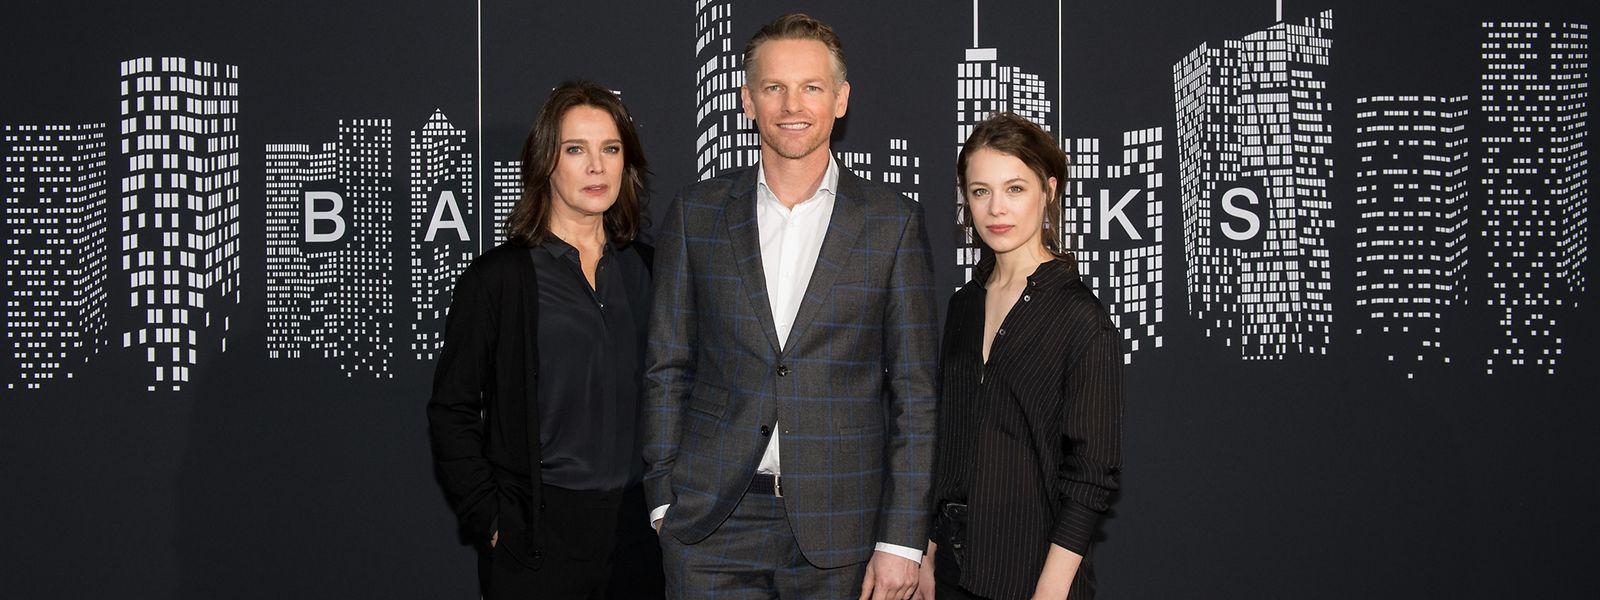 La série réunit notamment les acteurs Desiree Nosbusch, Barry Atsma et Paula Beer.